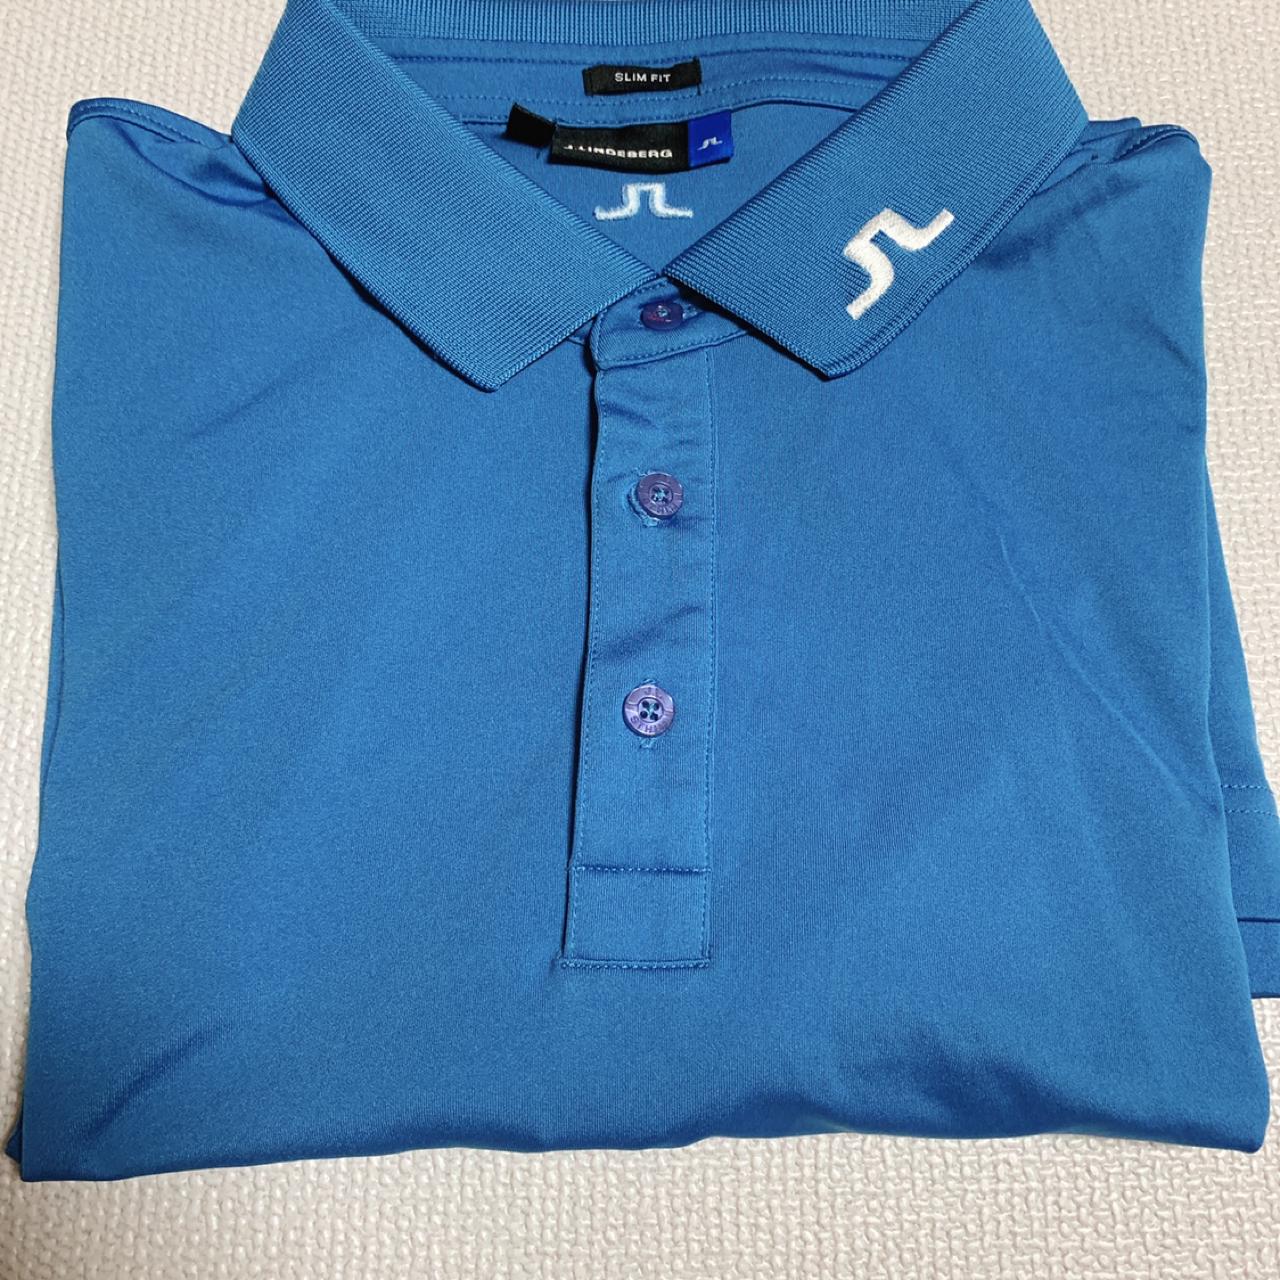 골프티셔츠 (제이린드버그XL .나이키골프L ) 린드버그 판매완료 나이키예약완료